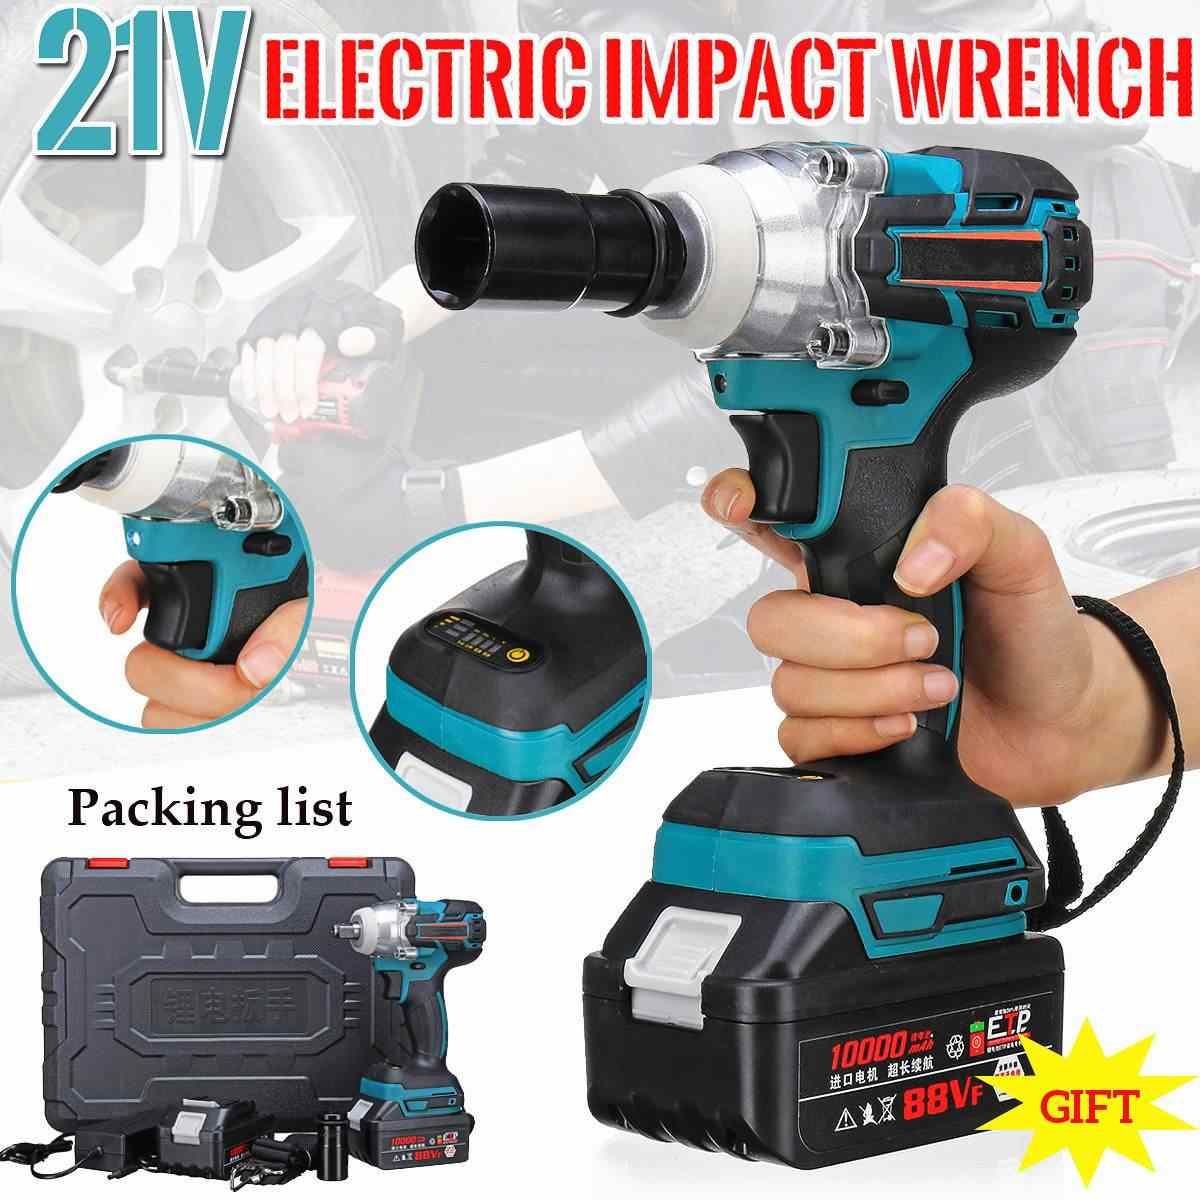 21 V 10000 mah akumulator litowo-jonowy elektryczny klucz udarowy pistolety 330Nm maksymalny moment obrotowy klucz udarowy bezprzewodowy 2 baterie 1 ładowarka elektronarzędzia